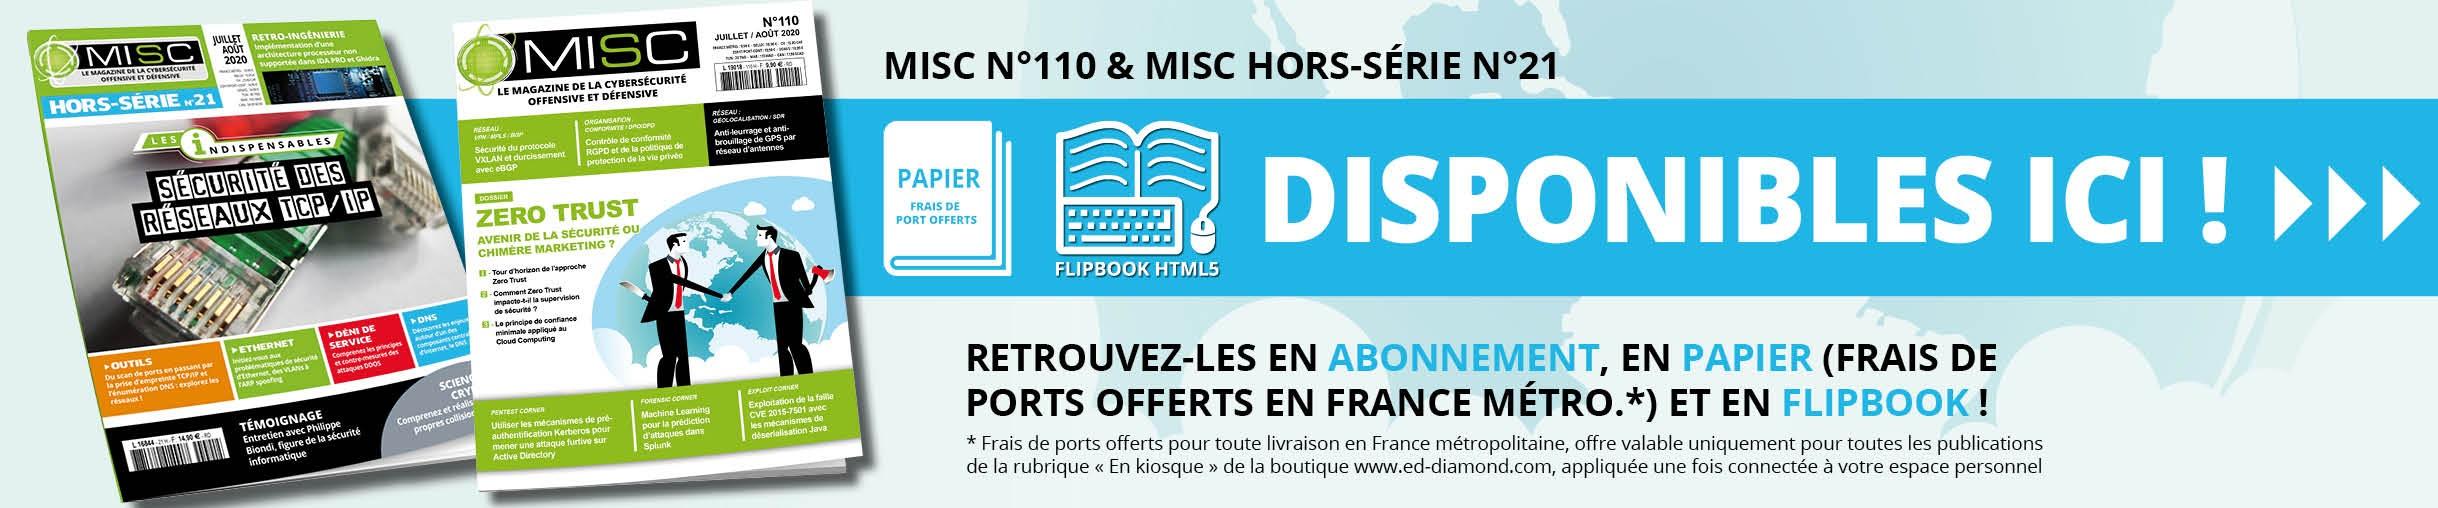 MISC n°110 et son Hors-Série n°21